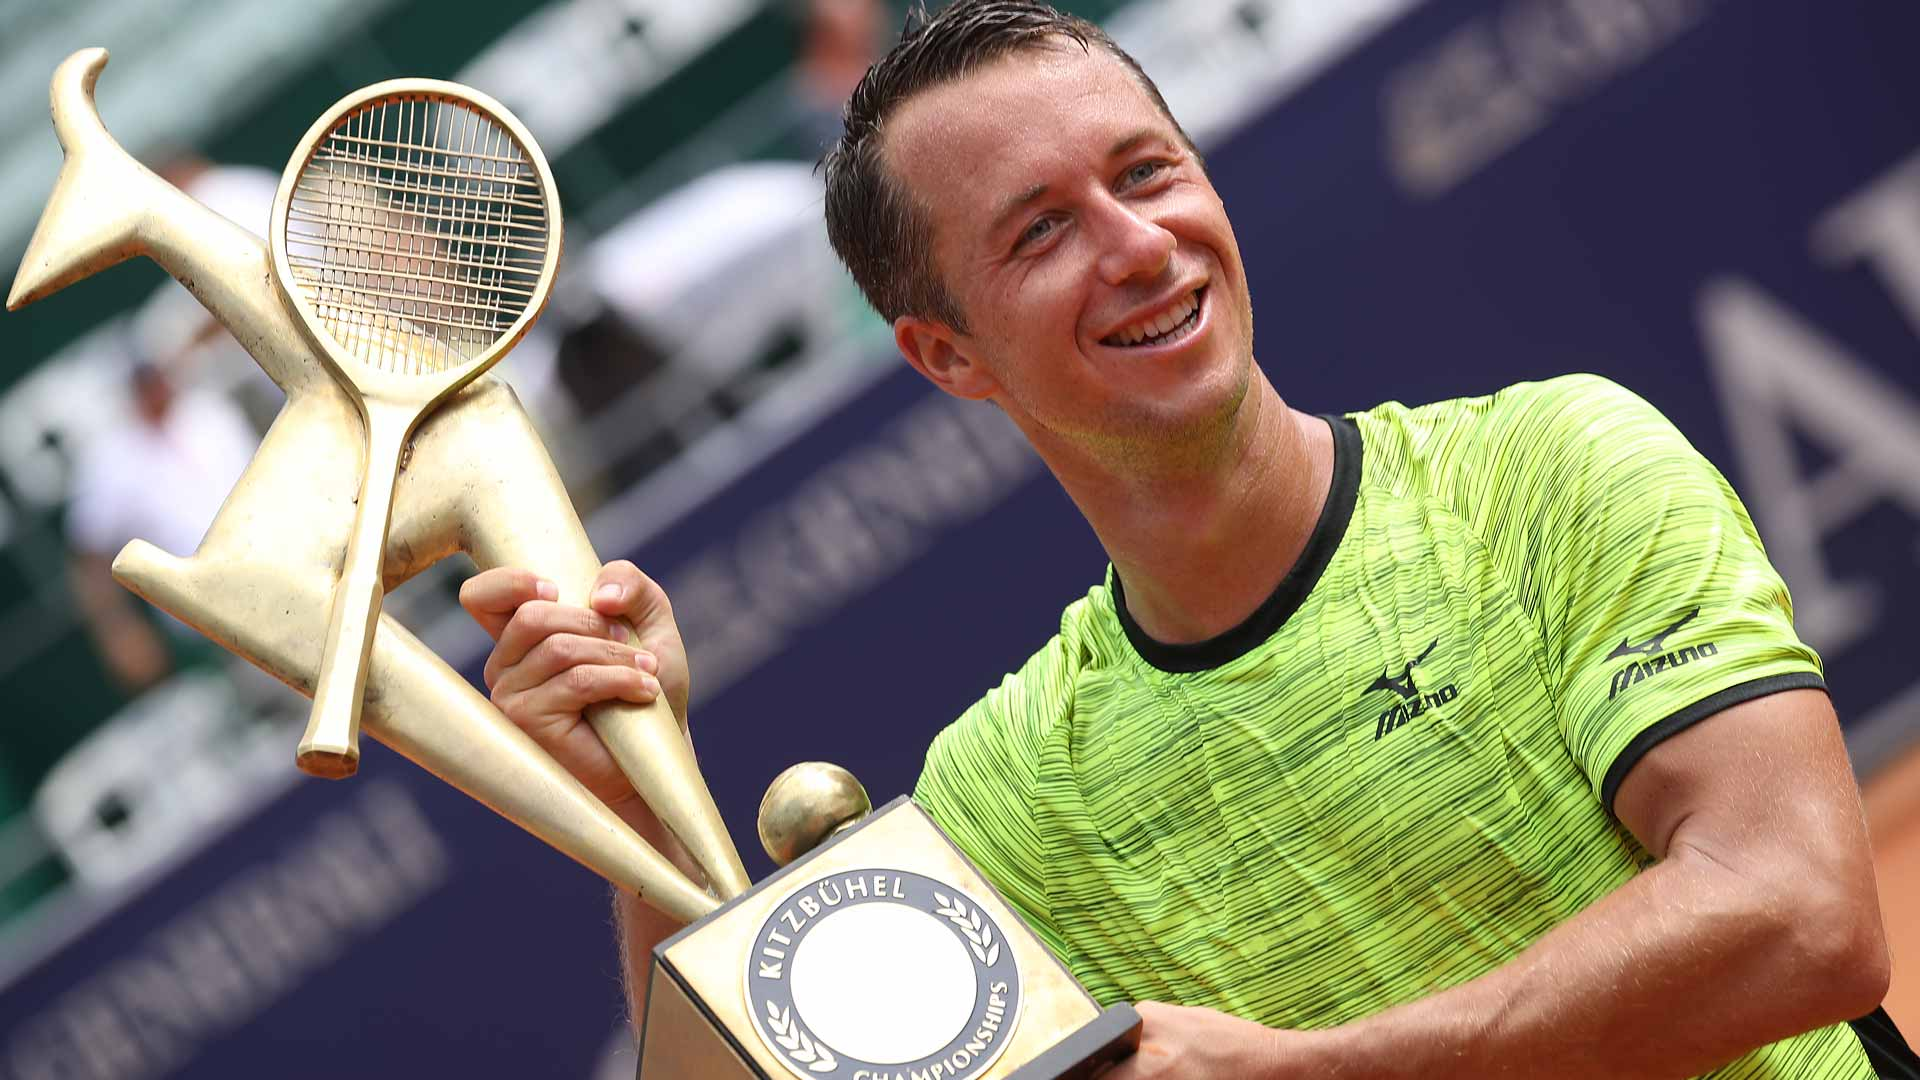 V dalším průběhu turnaje neztratil set. V semifinále vyřadil nasazenou  dvojku Fogniniho a ve finále si poradil se Sousou. bd12c76422efb